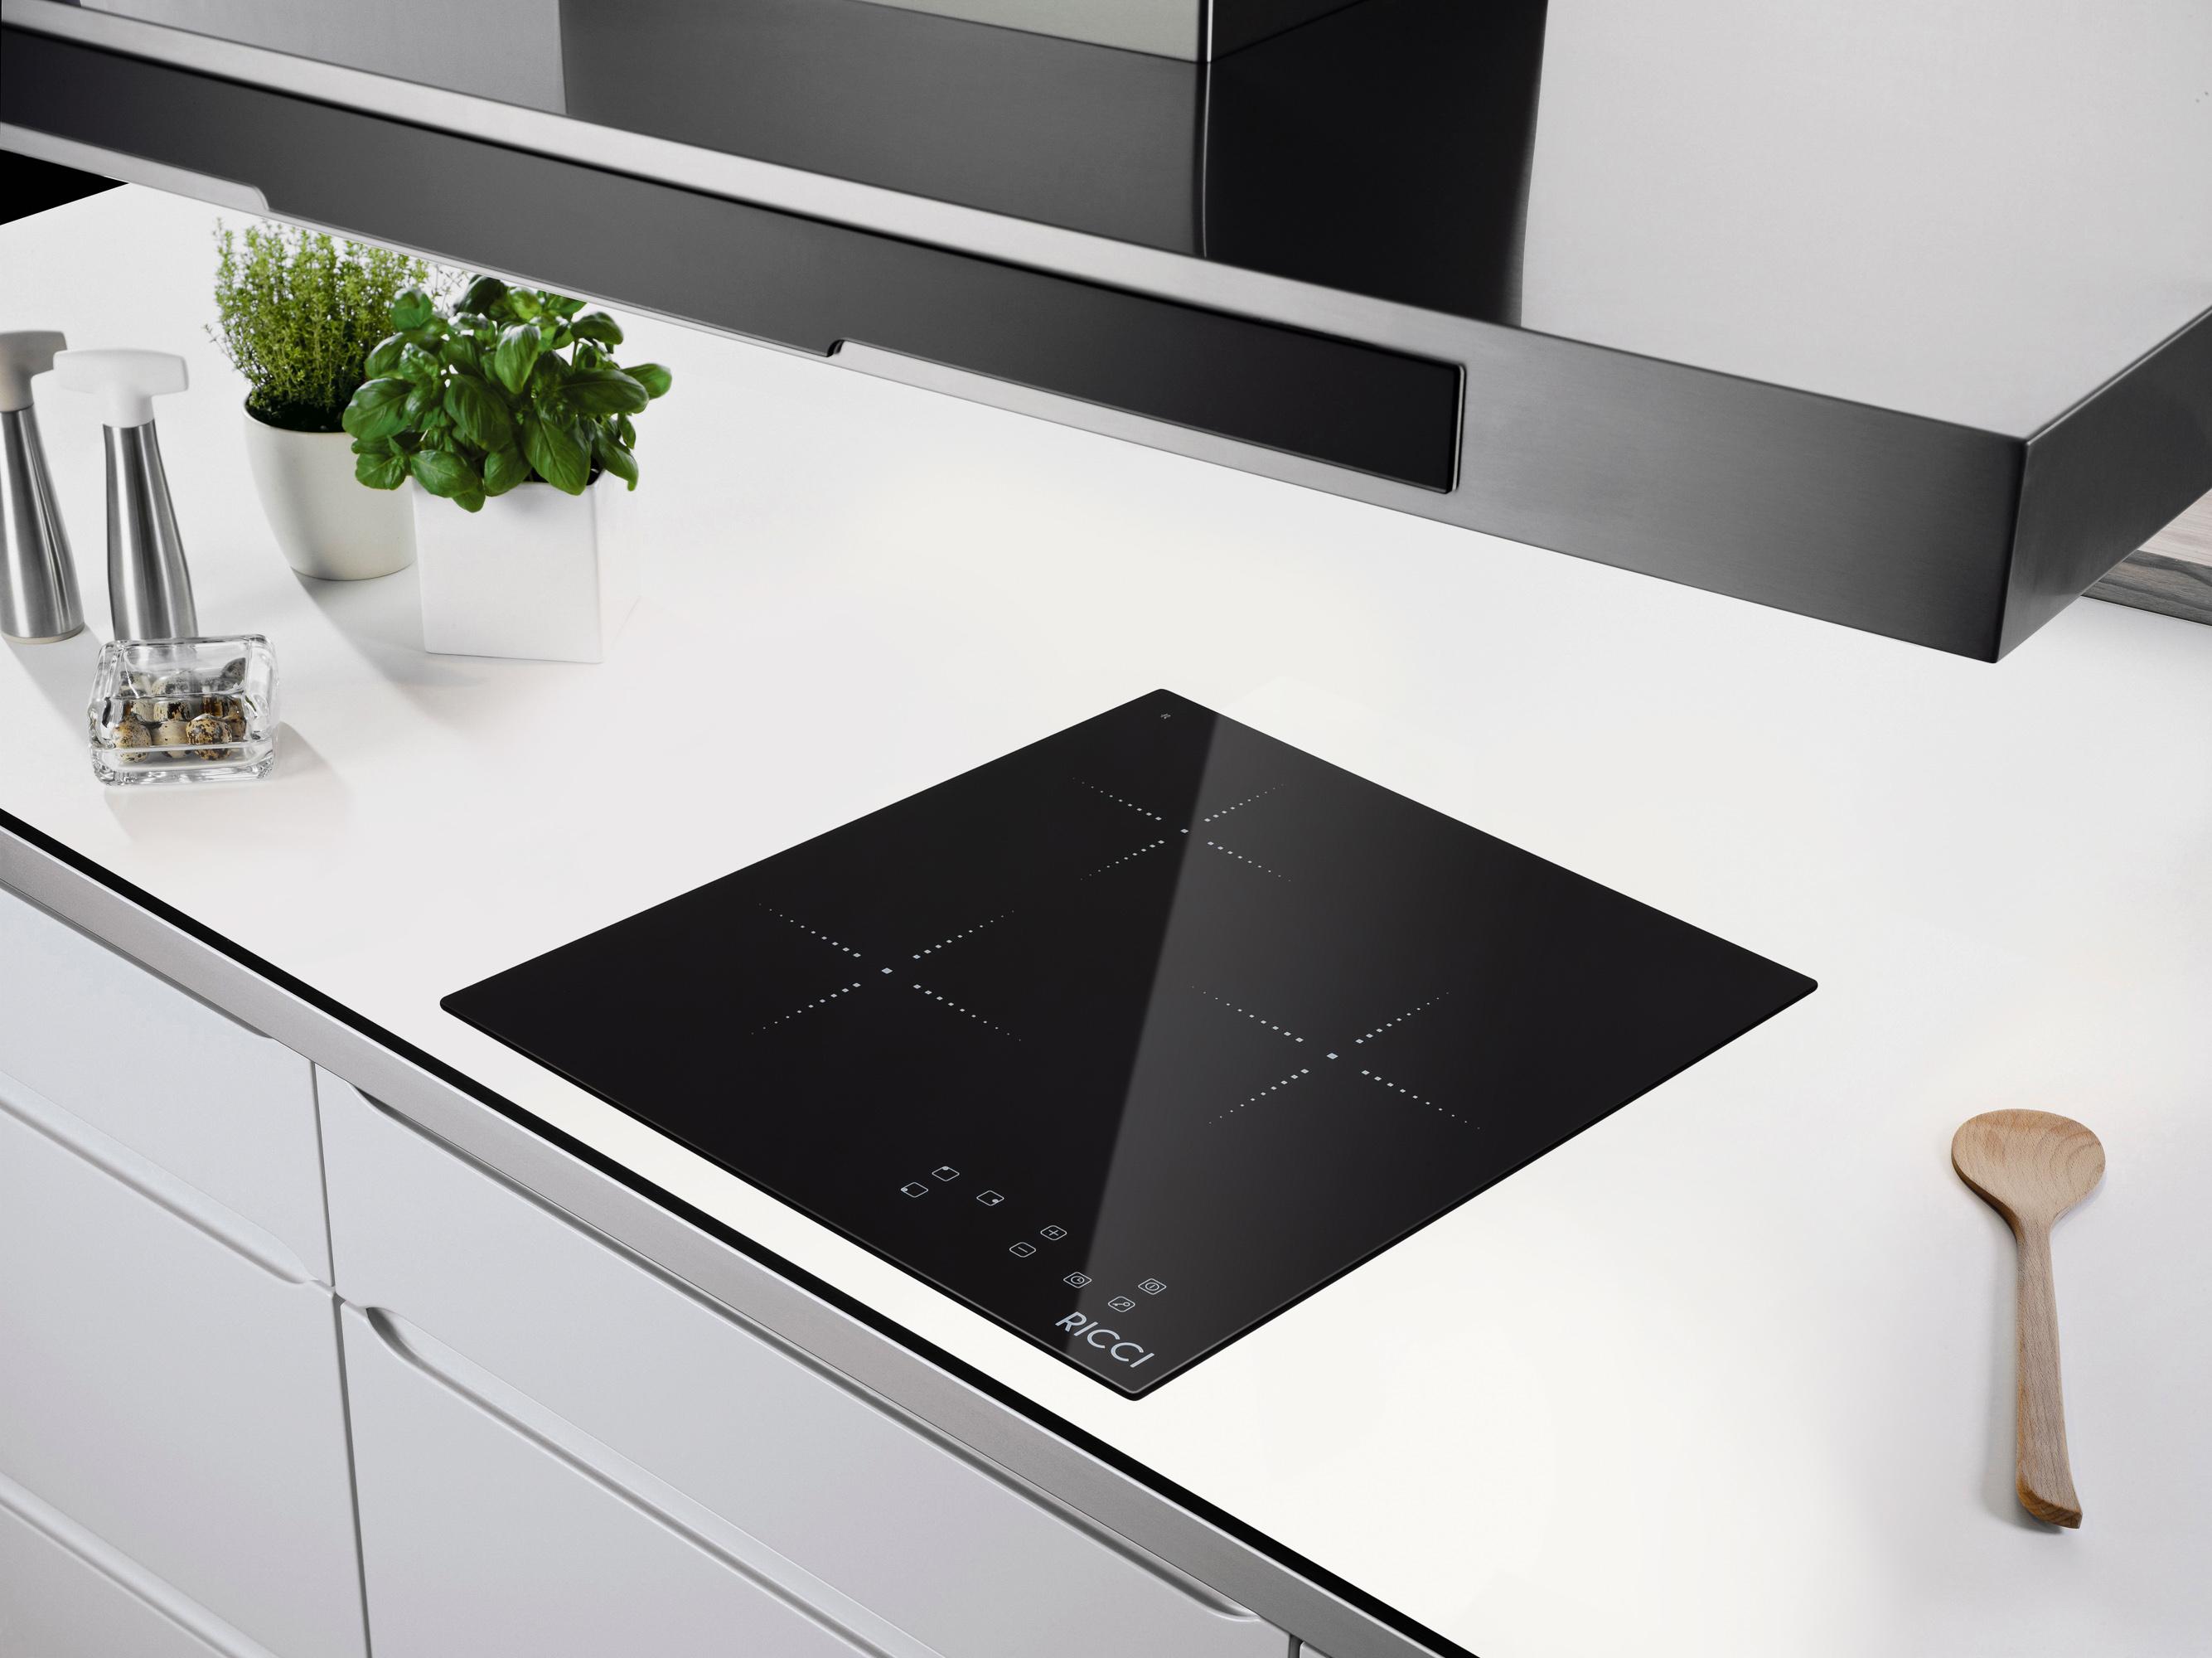 Варочная панель встраивается в столешницу гарнитура и заменяет кухонную плиту